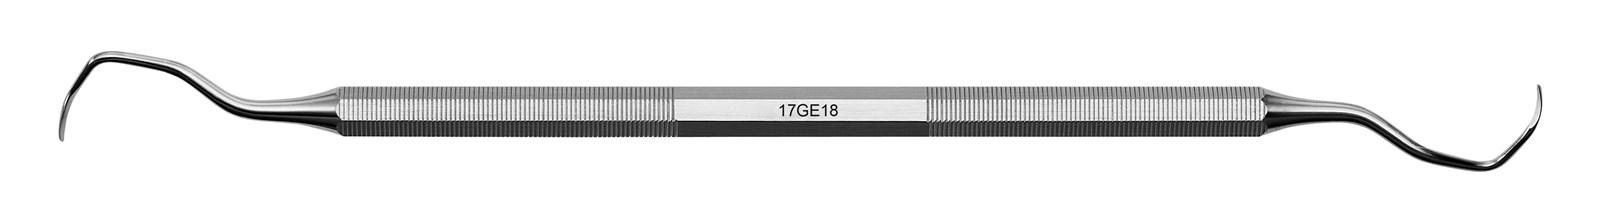 Kyreta Gracey Classic - 17GE18, ADEP silikonový návlek šedý